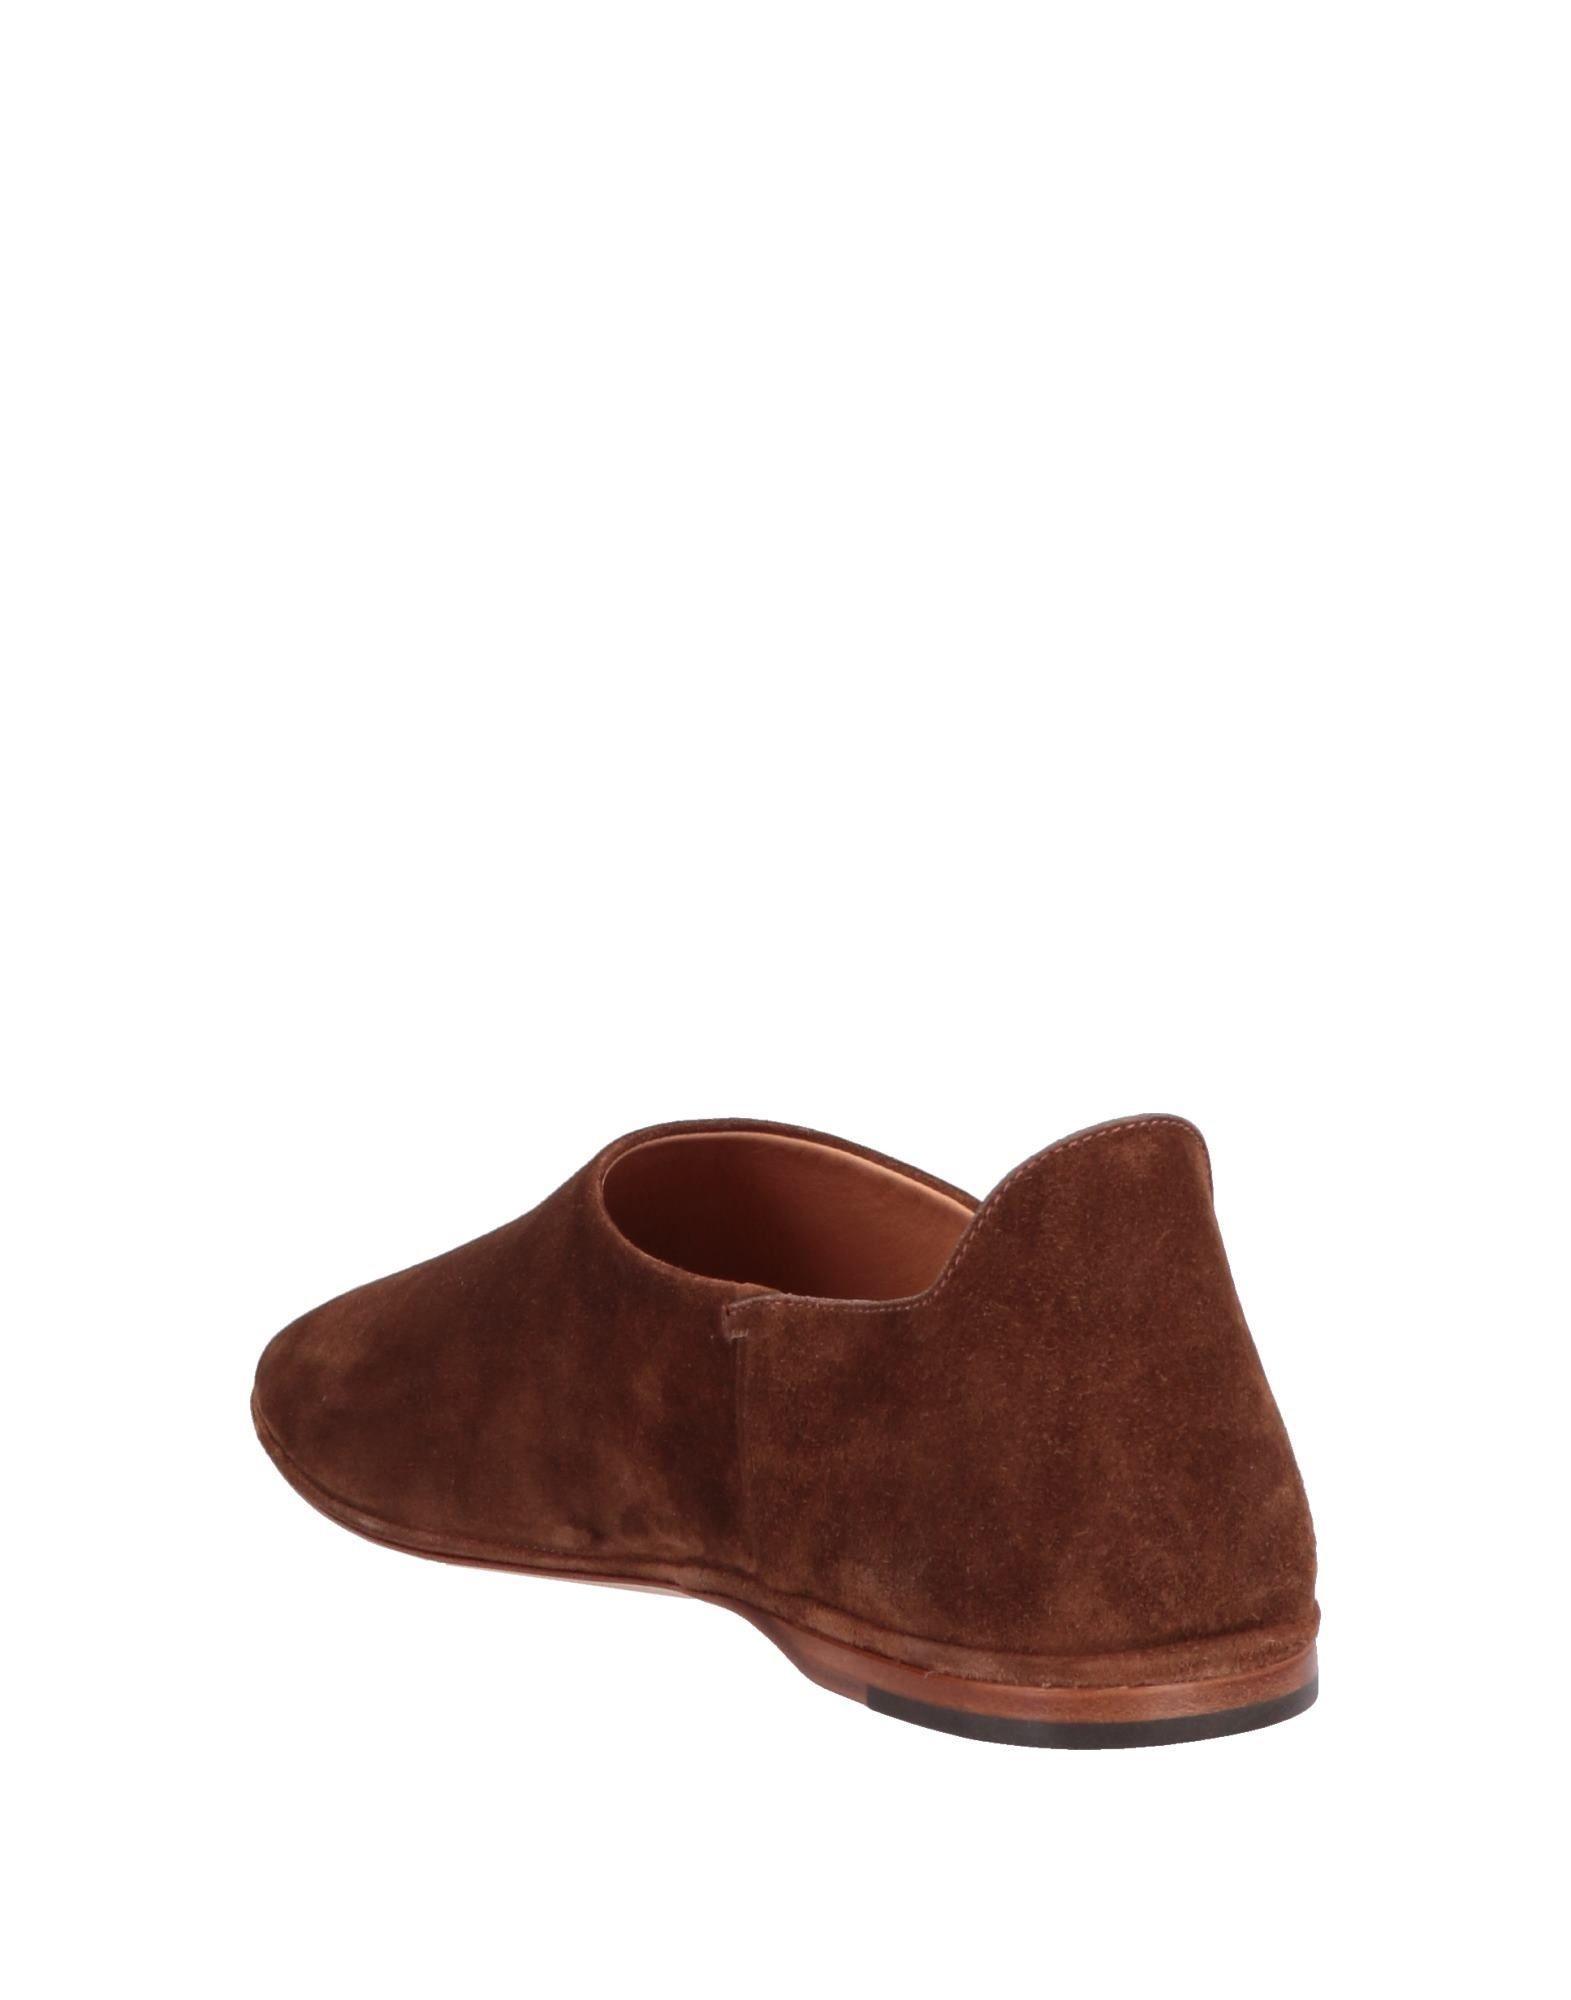 26795e8c4ef Lyst - Saint Laurent Loafer in Brown for Men